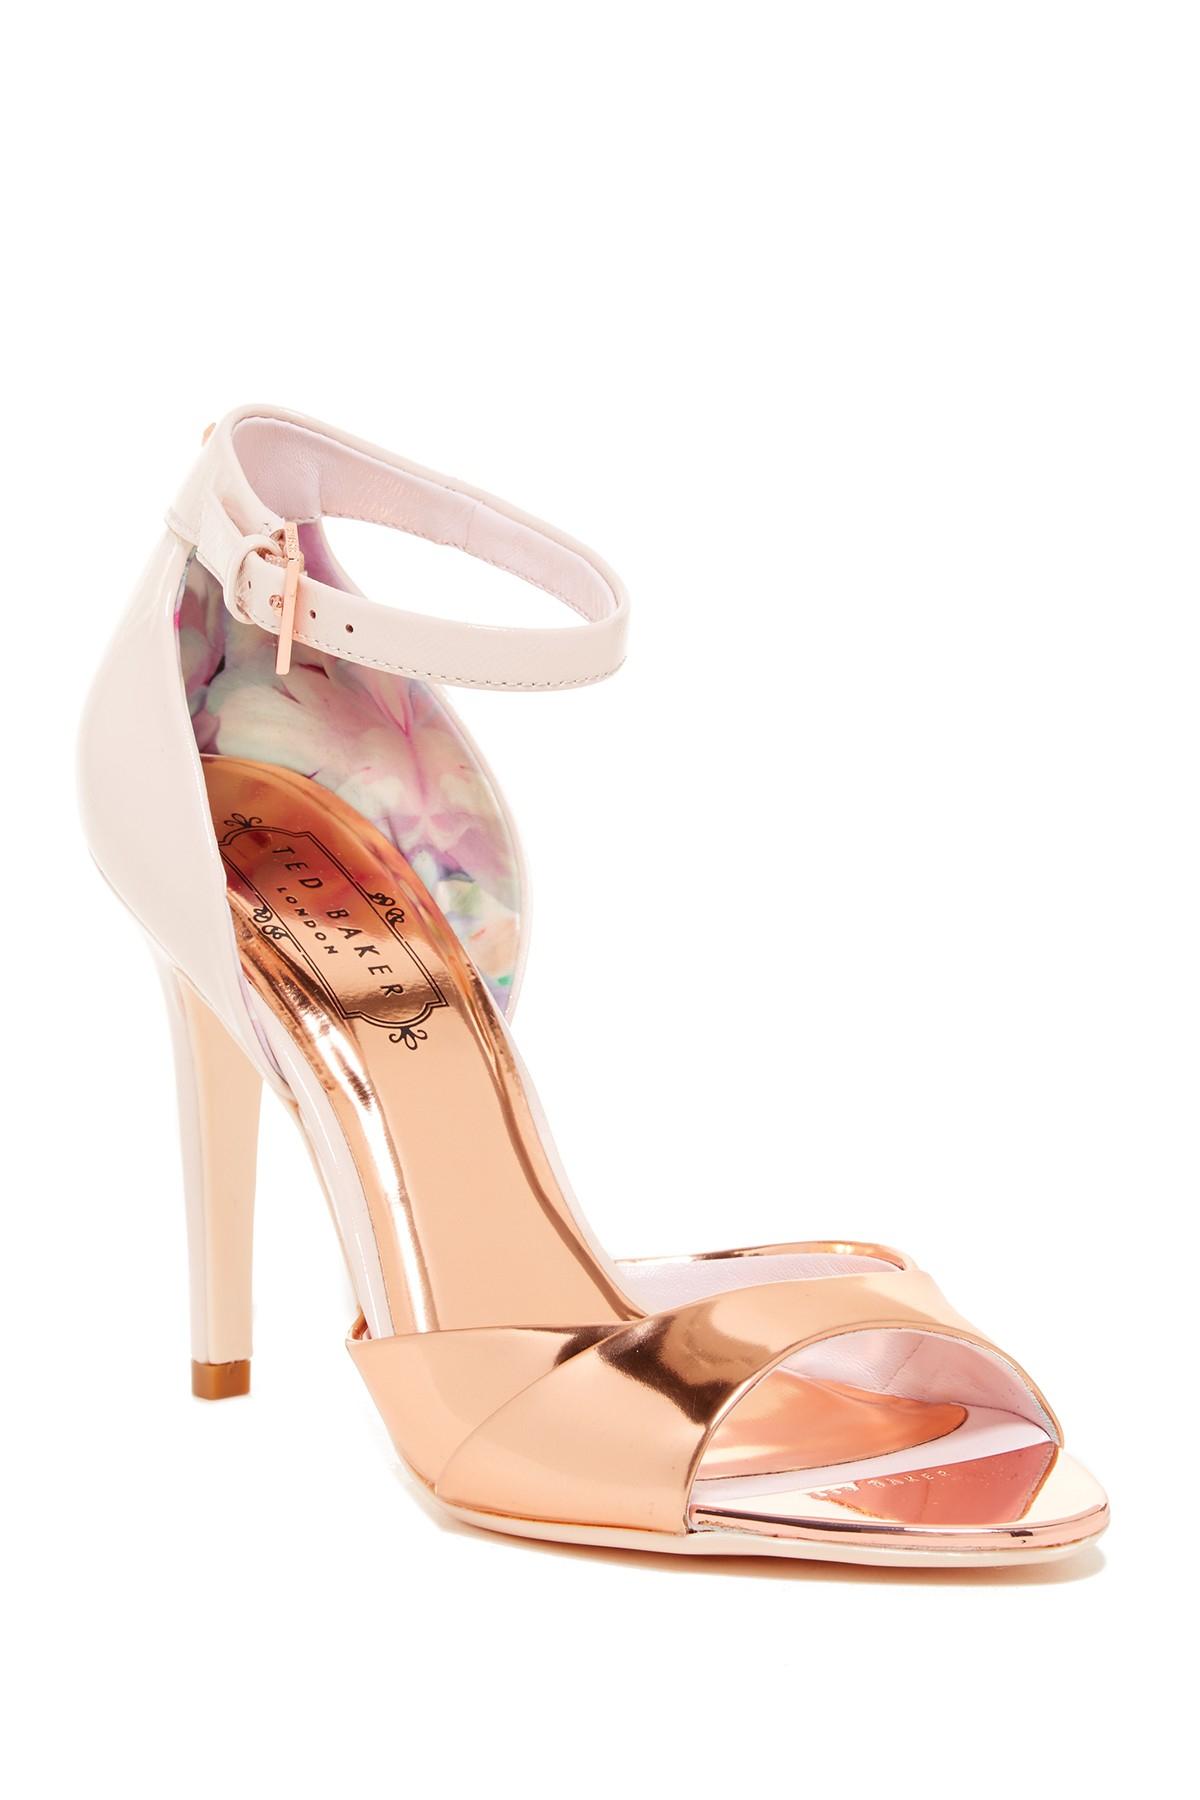 ted baker camiyl heel sandal in pink lyst. Black Bedroom Furniture Sets. Home Design Ideas